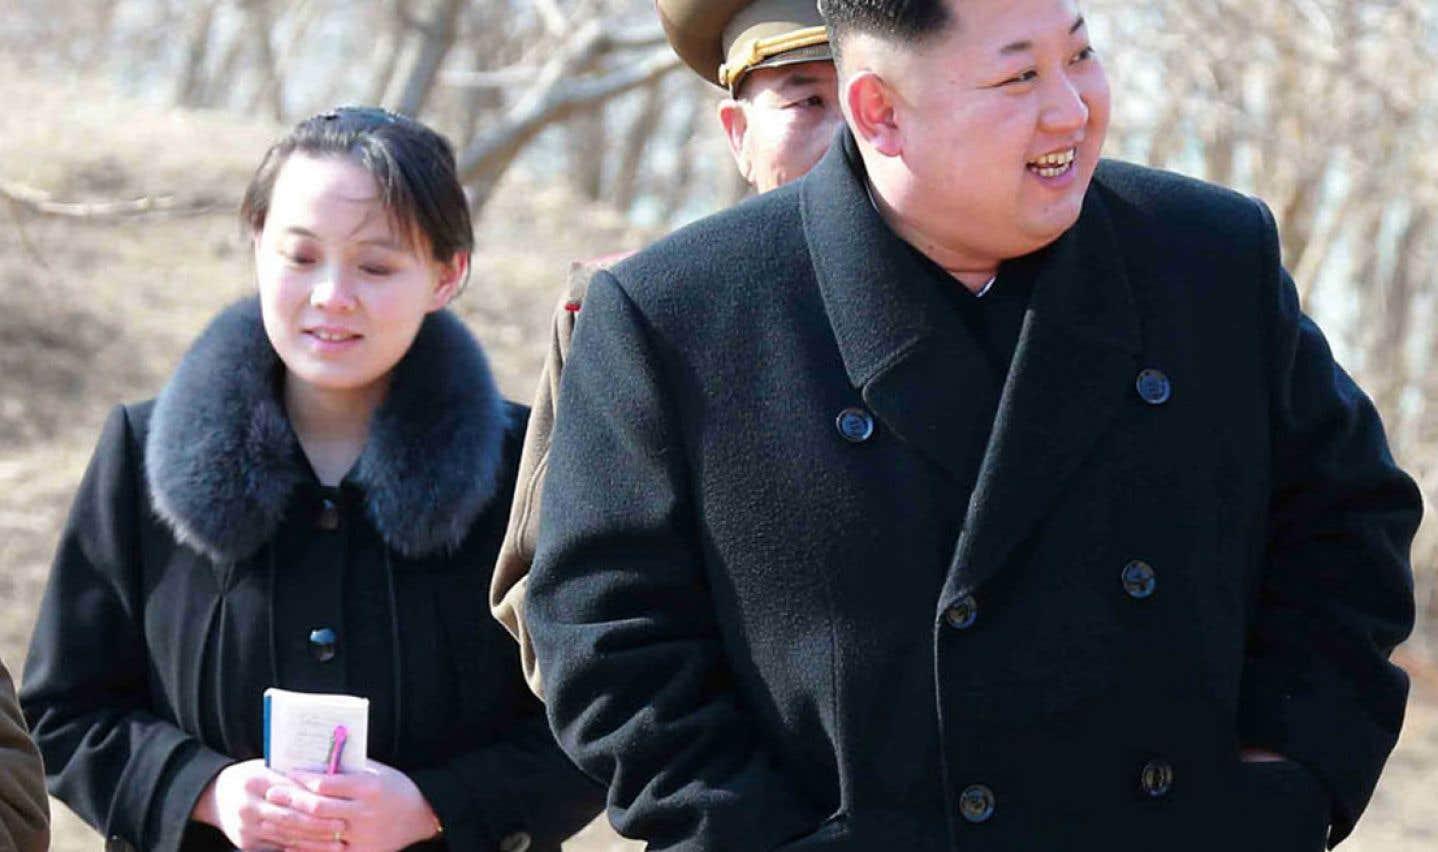 La soeur de Kim Jong-un dépêchée aux JO pour rencontrer le président sud-coréen